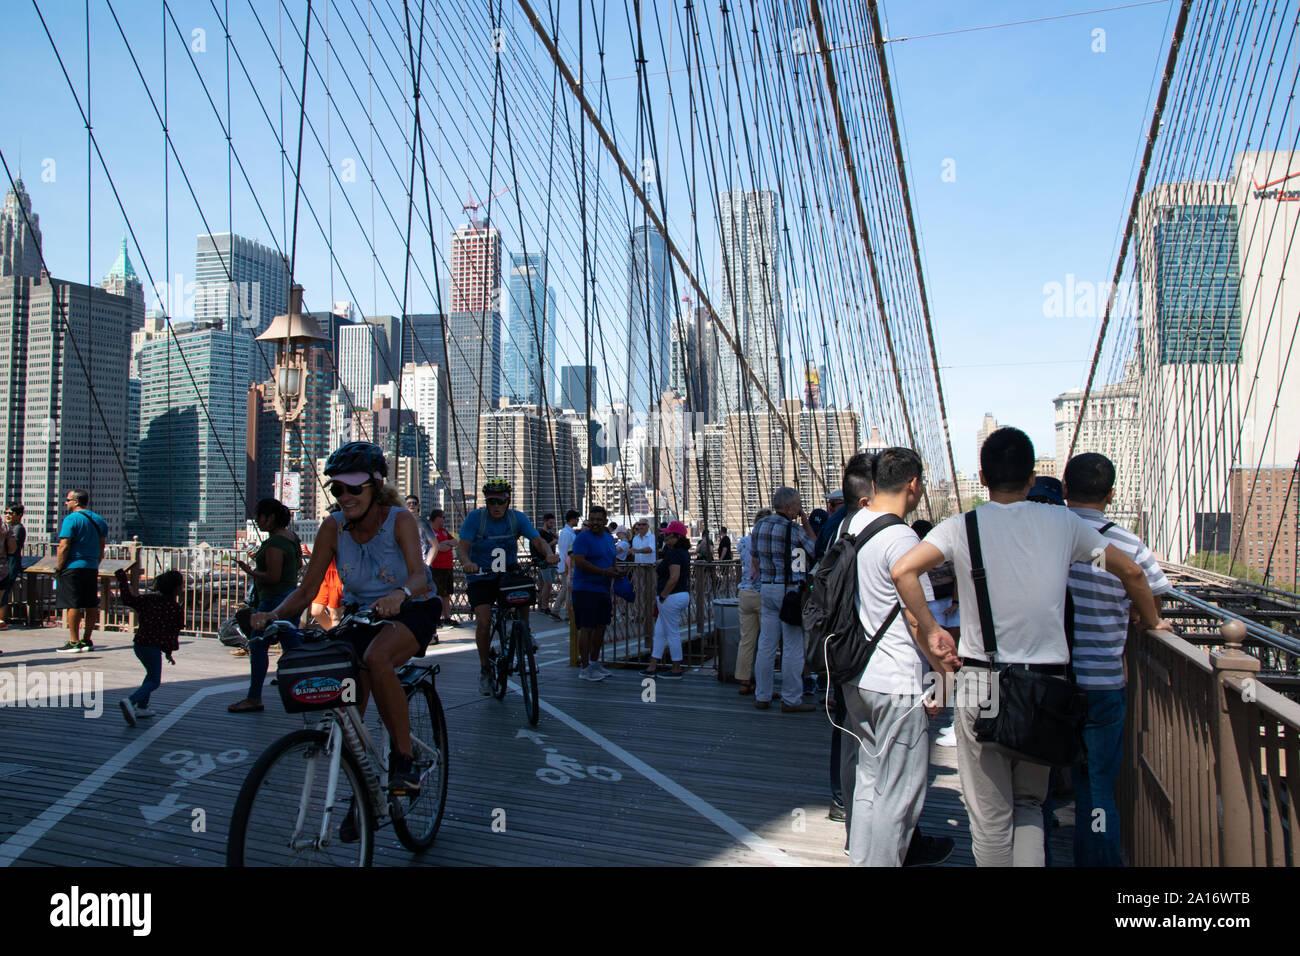 Fußgänger und Fahradfahrer teilen sich die obere Etage der Brooklyn Bridge. Touristen genießen den Blick auf Manhattan Stock Photo